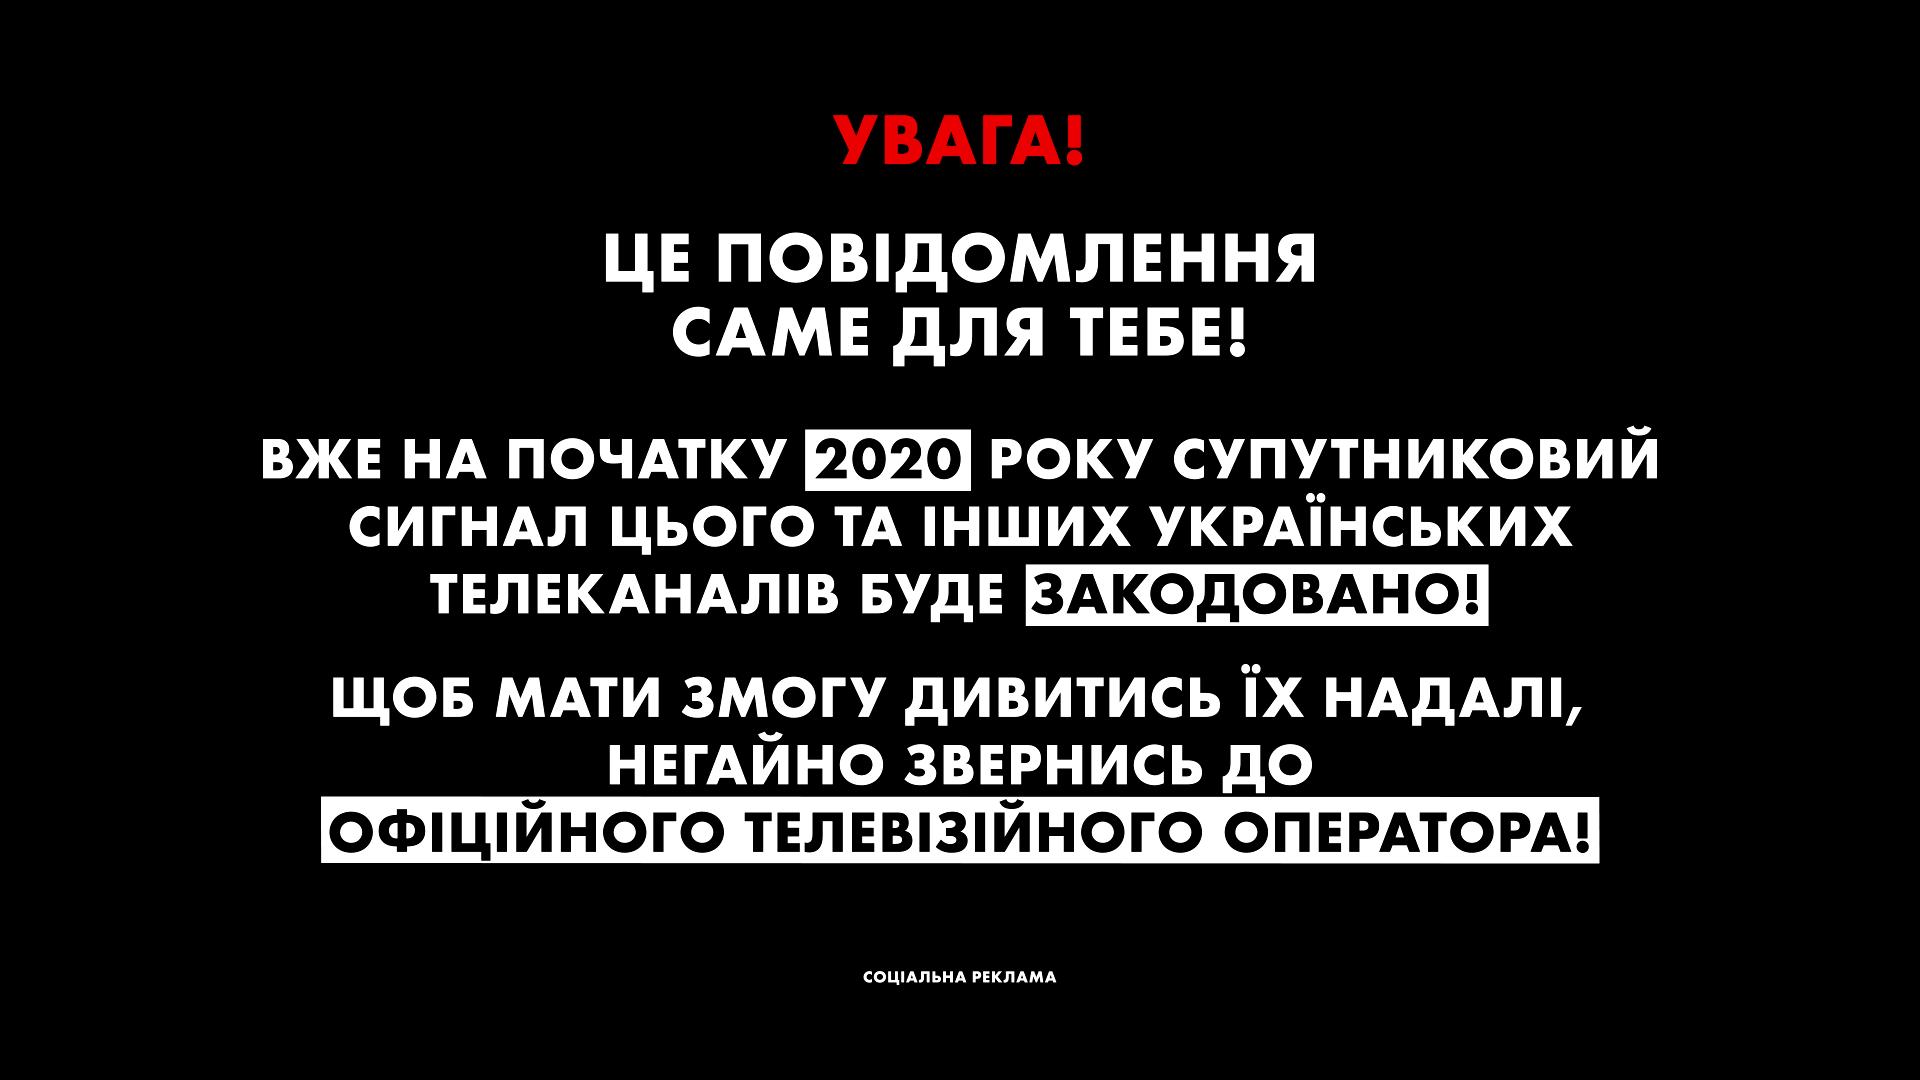 З 20 січня 2020 року закарпатці не зможуть дивитися ICTV, Новий канал, СТБ, 1+1, Інтер, Україна